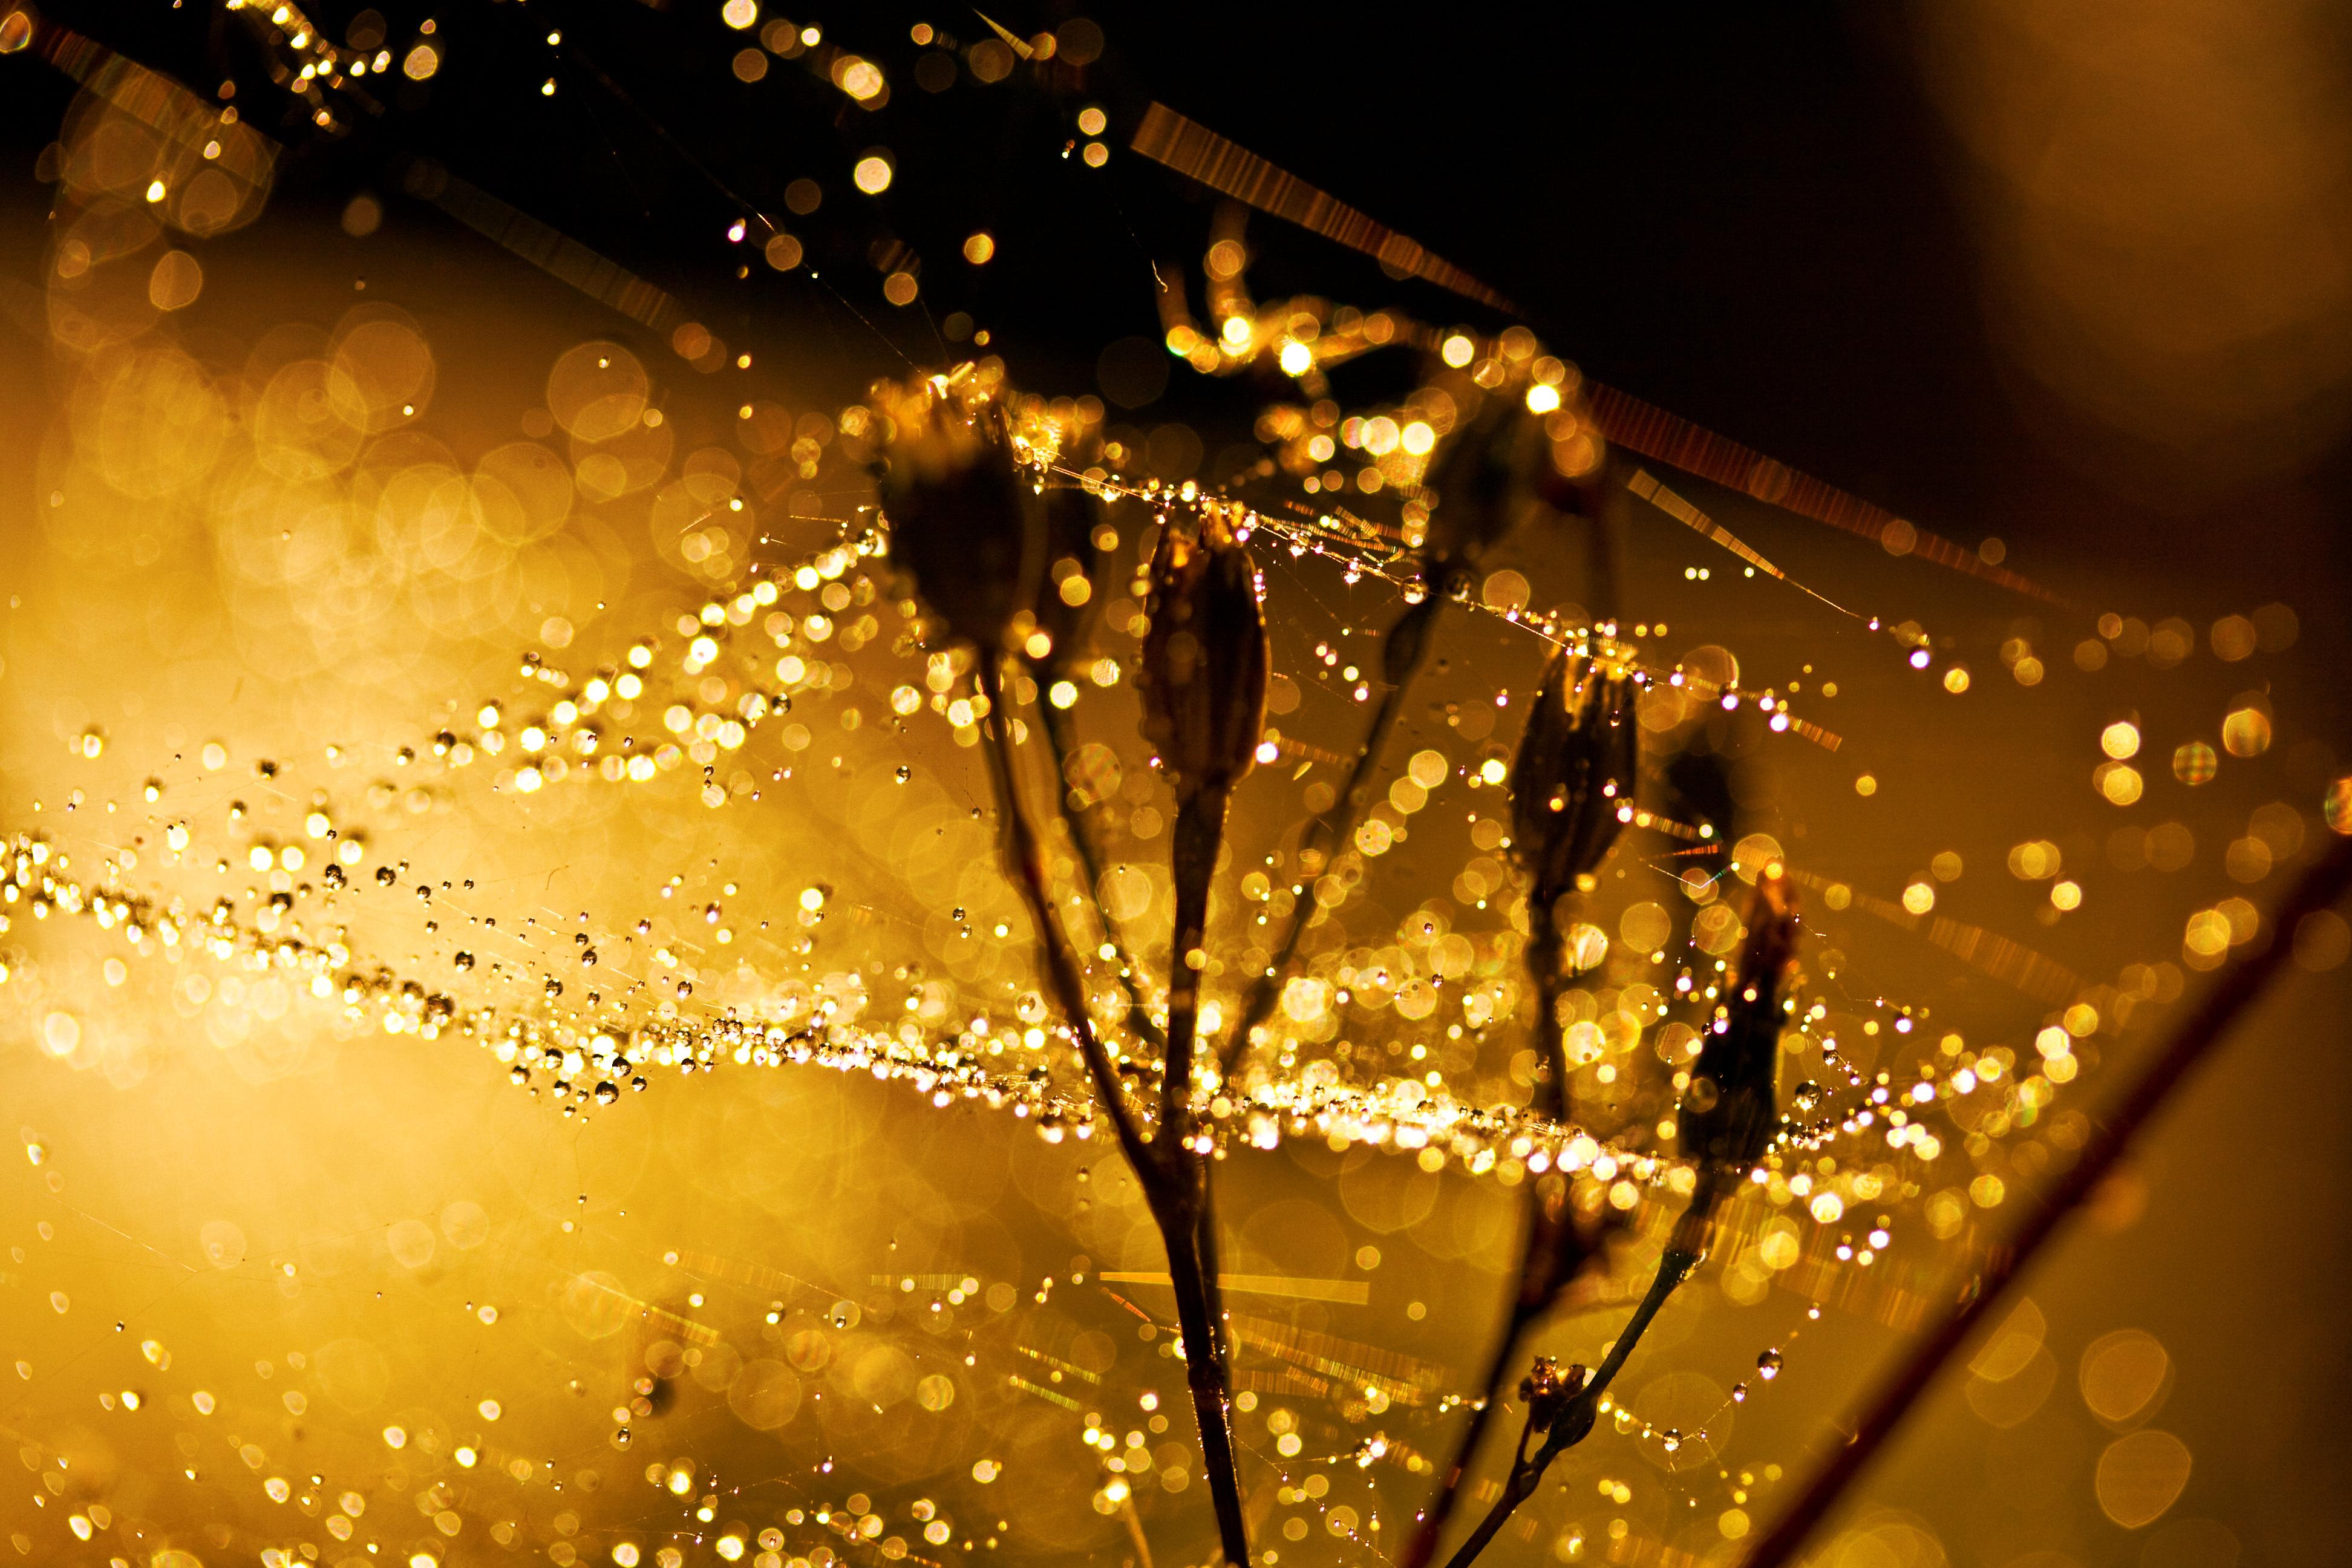 цветы солнце блики  № 1247148 без смс